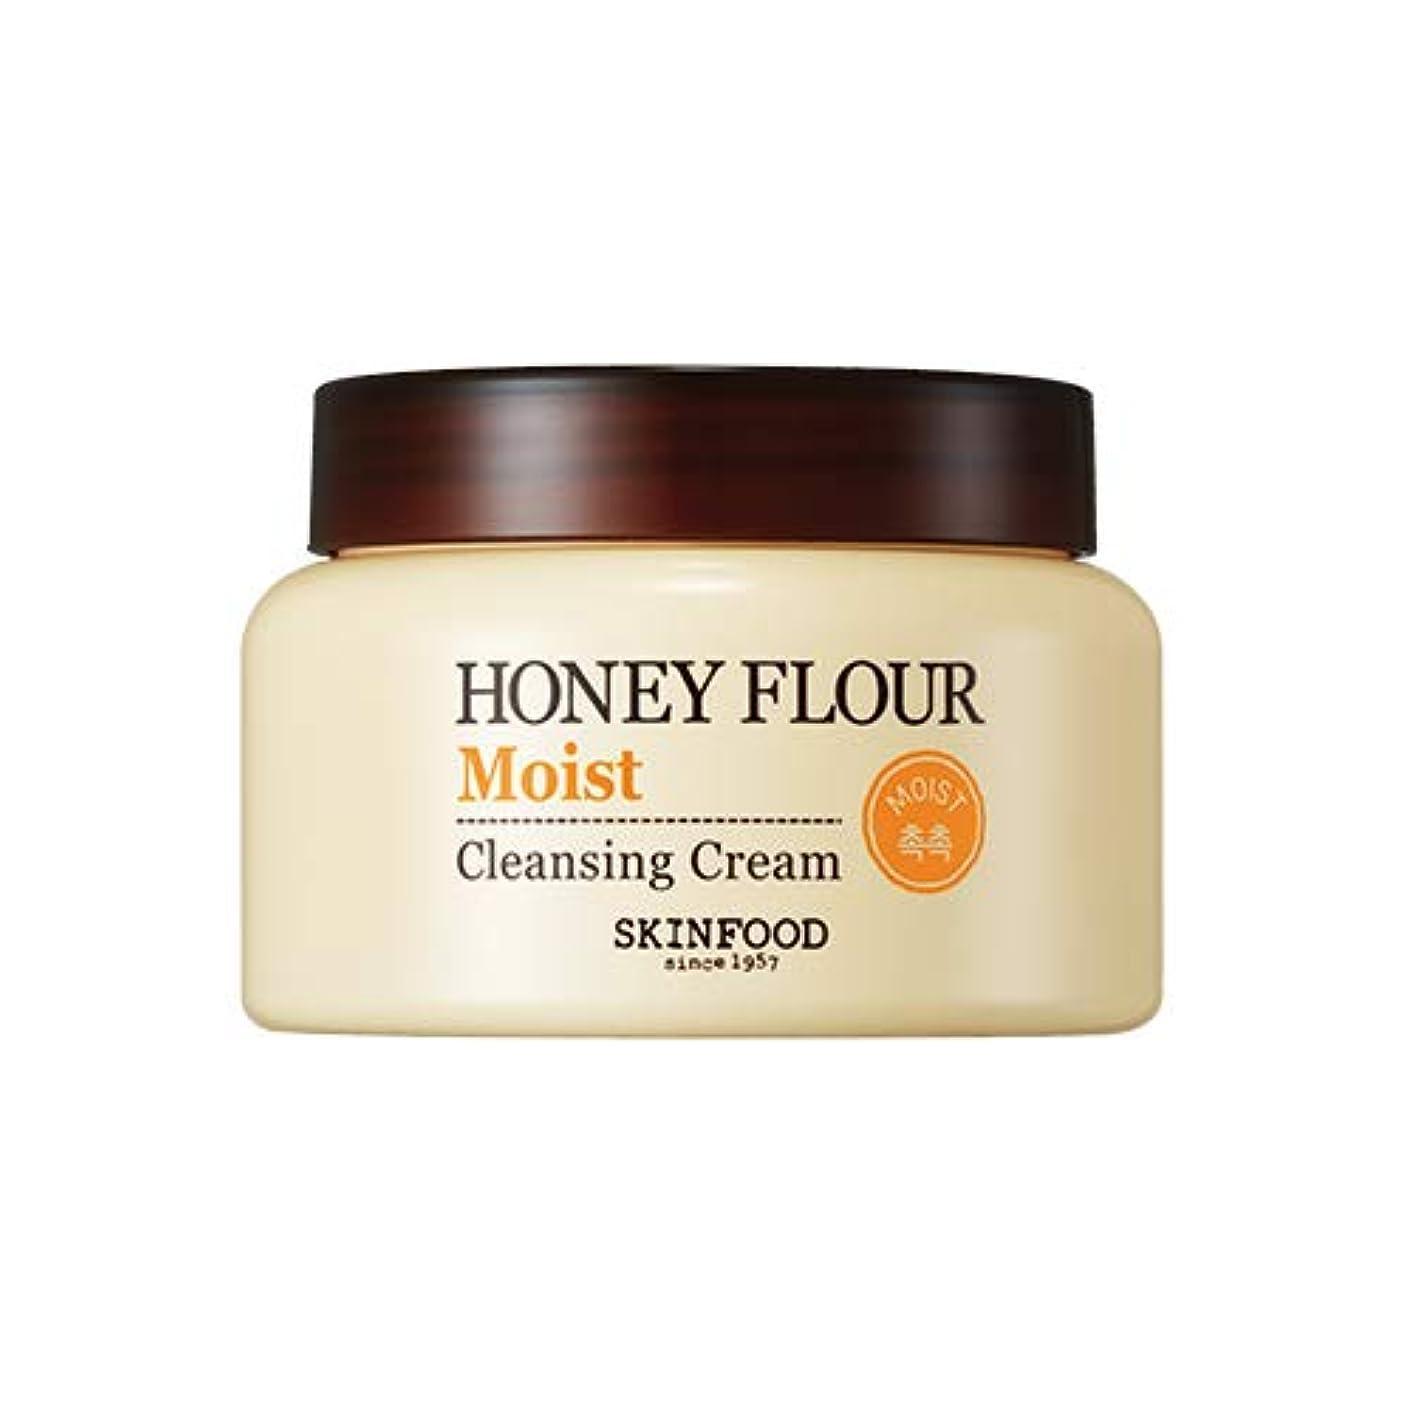 規範複雑な反論者Skinfood/Honey Flour Moist Cleansing Cream/ハニーフラワーモイストクレンジングクリーム/225ml [並行輸入品]